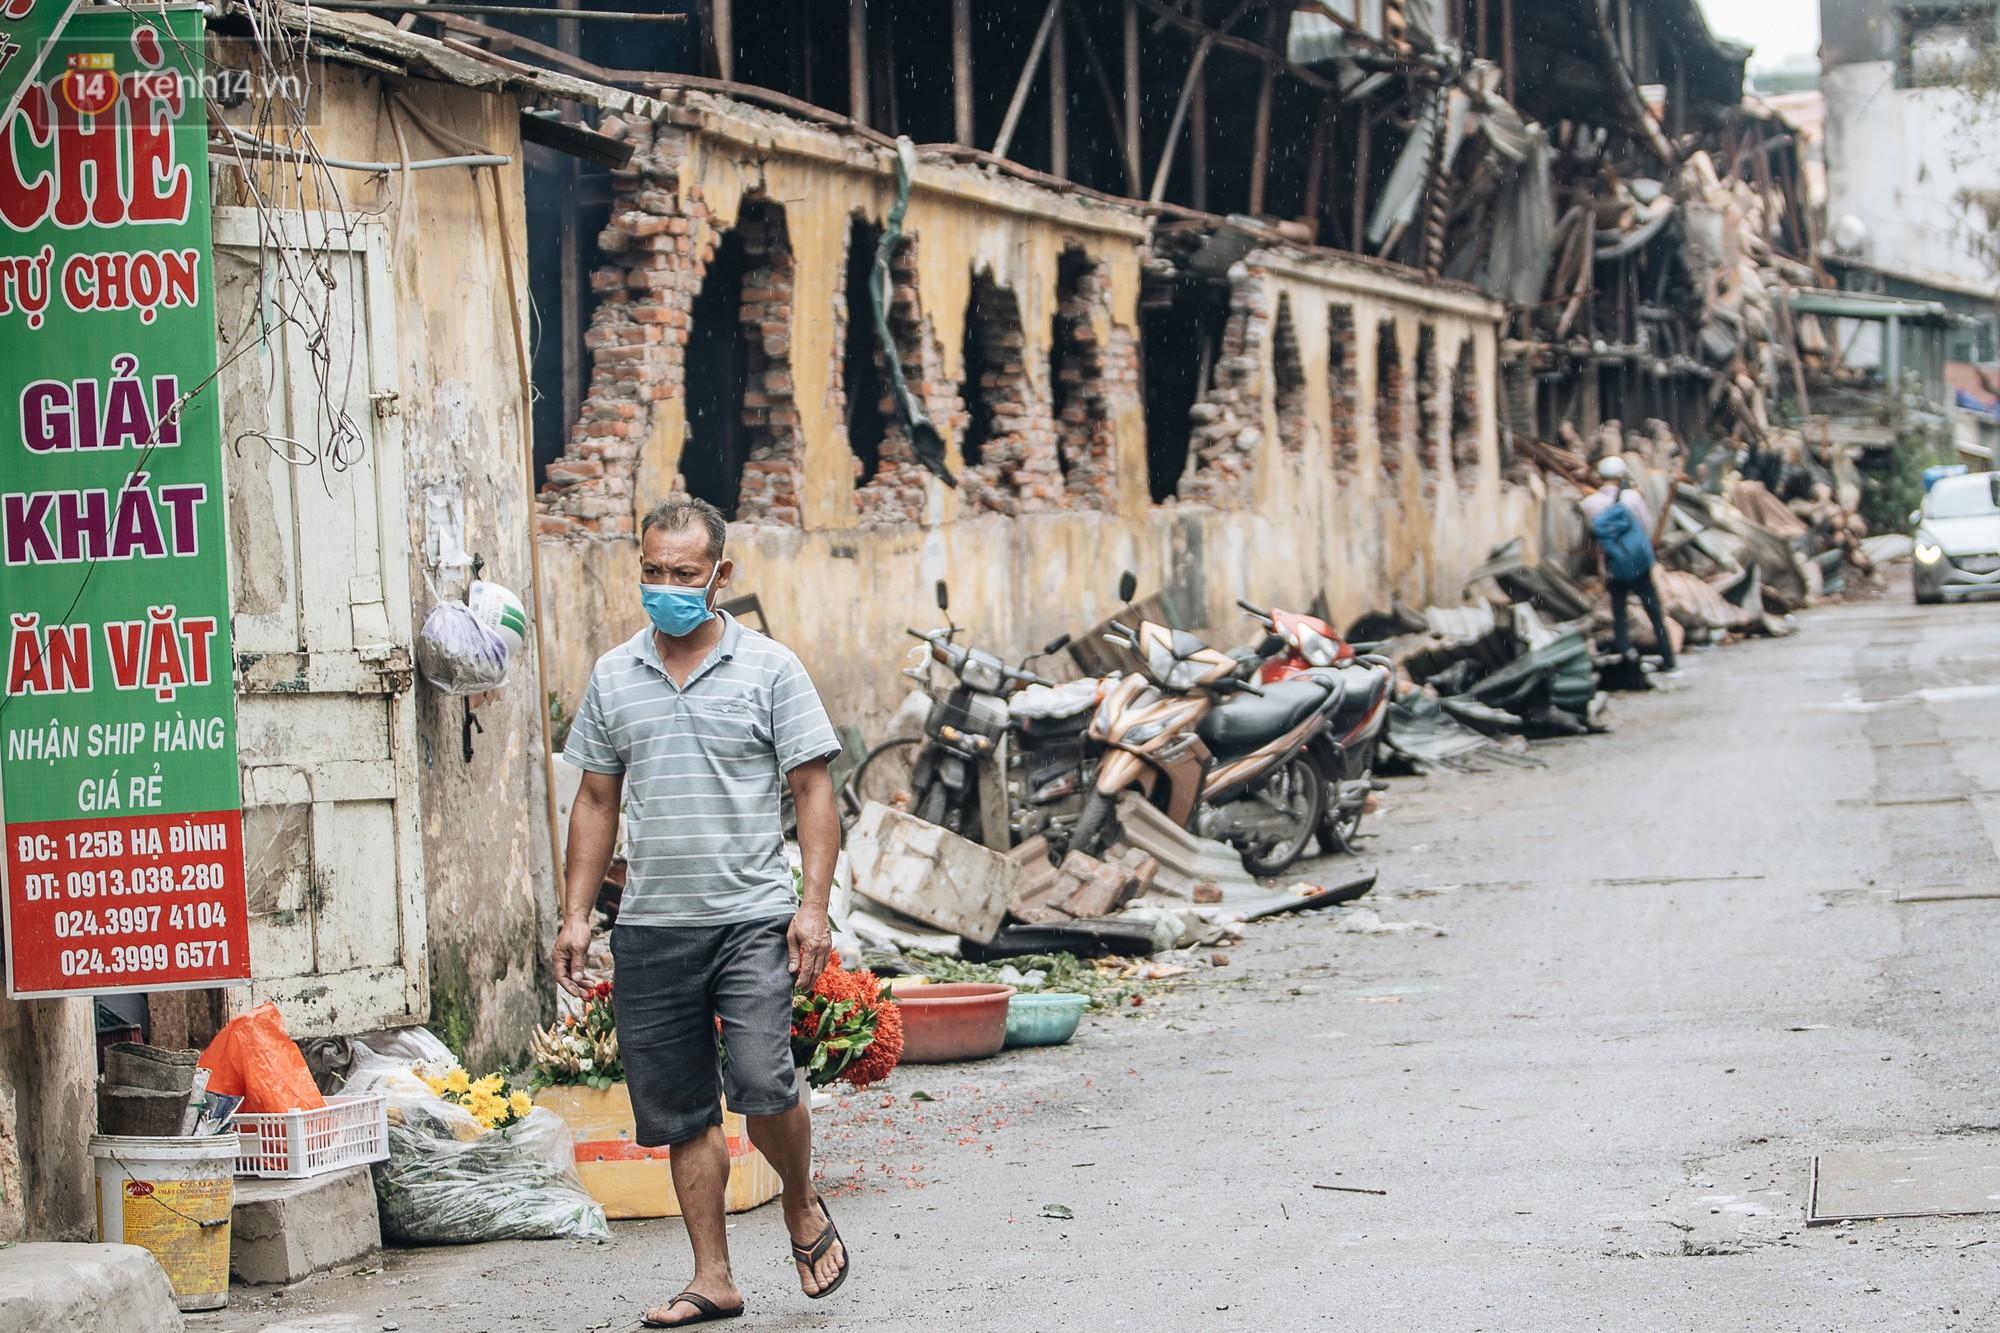 VZN News: Cuộc sống xung quanh nhà kho Rạng Đông sau vụ cháy: Người lớn cay mắt và khó thở, trẻ nhỏ được sơ tán - Ảnh 10.